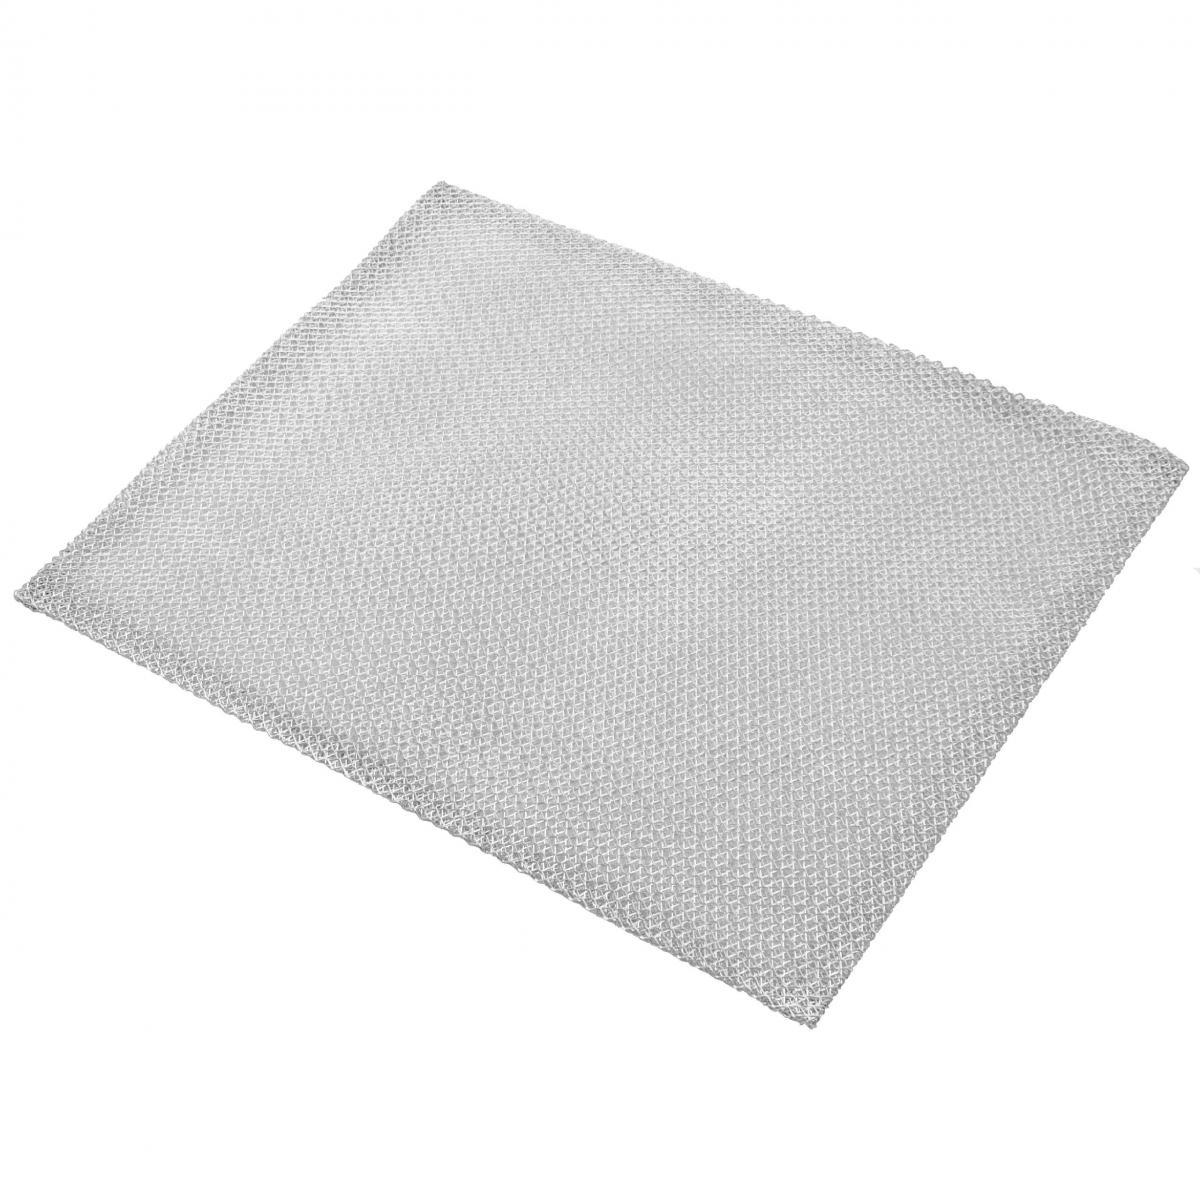 Vhbw vhbw Filtrepermanent filtre à graisse métallique 30 x 23,6 x 0,3cm convient pour Whirlpool AKR 973 857897301020 hottes d